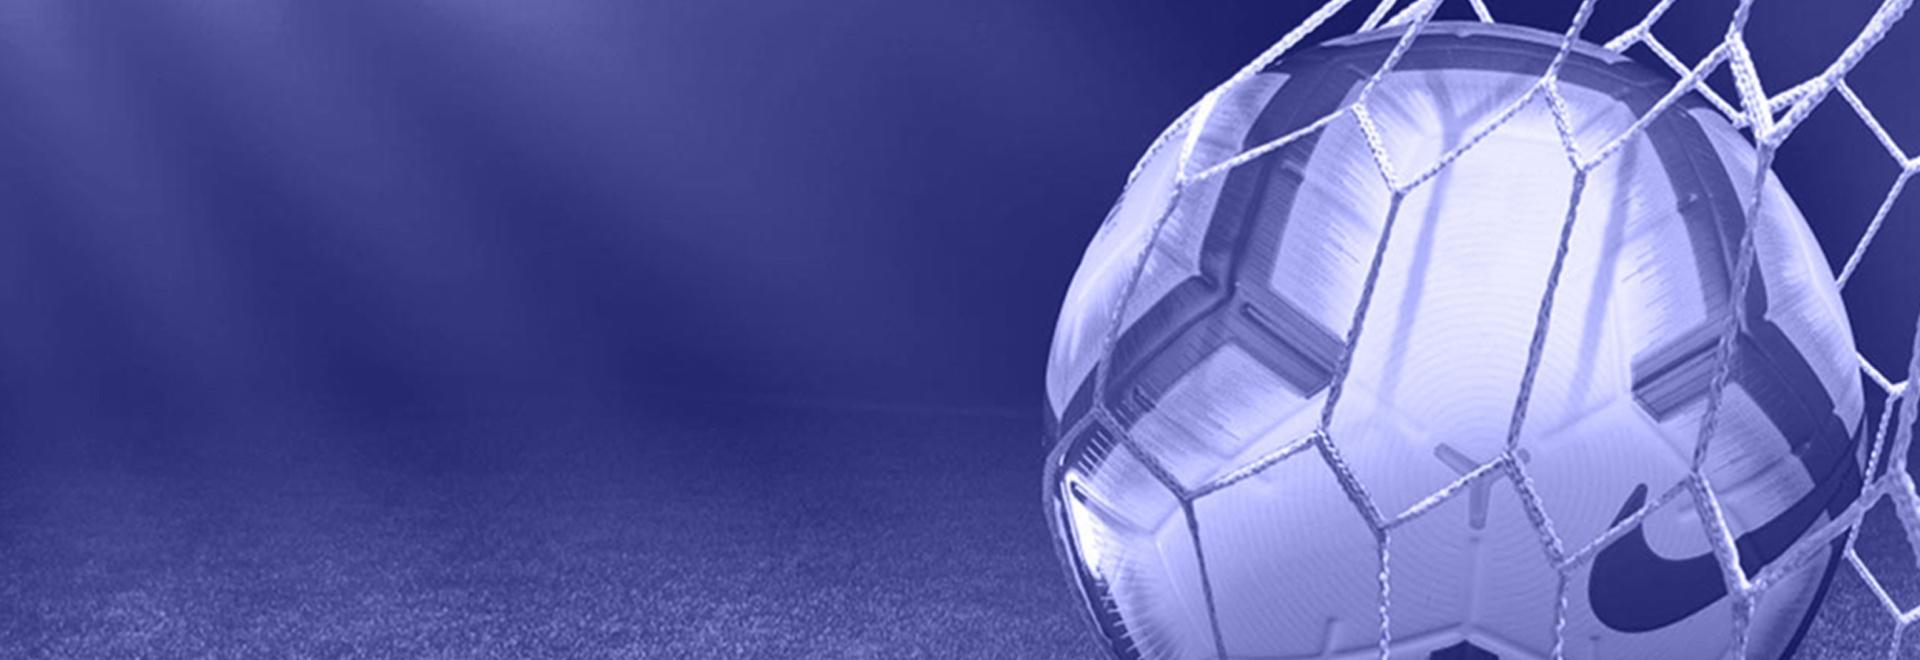 Napoli - Inter 06/01/20